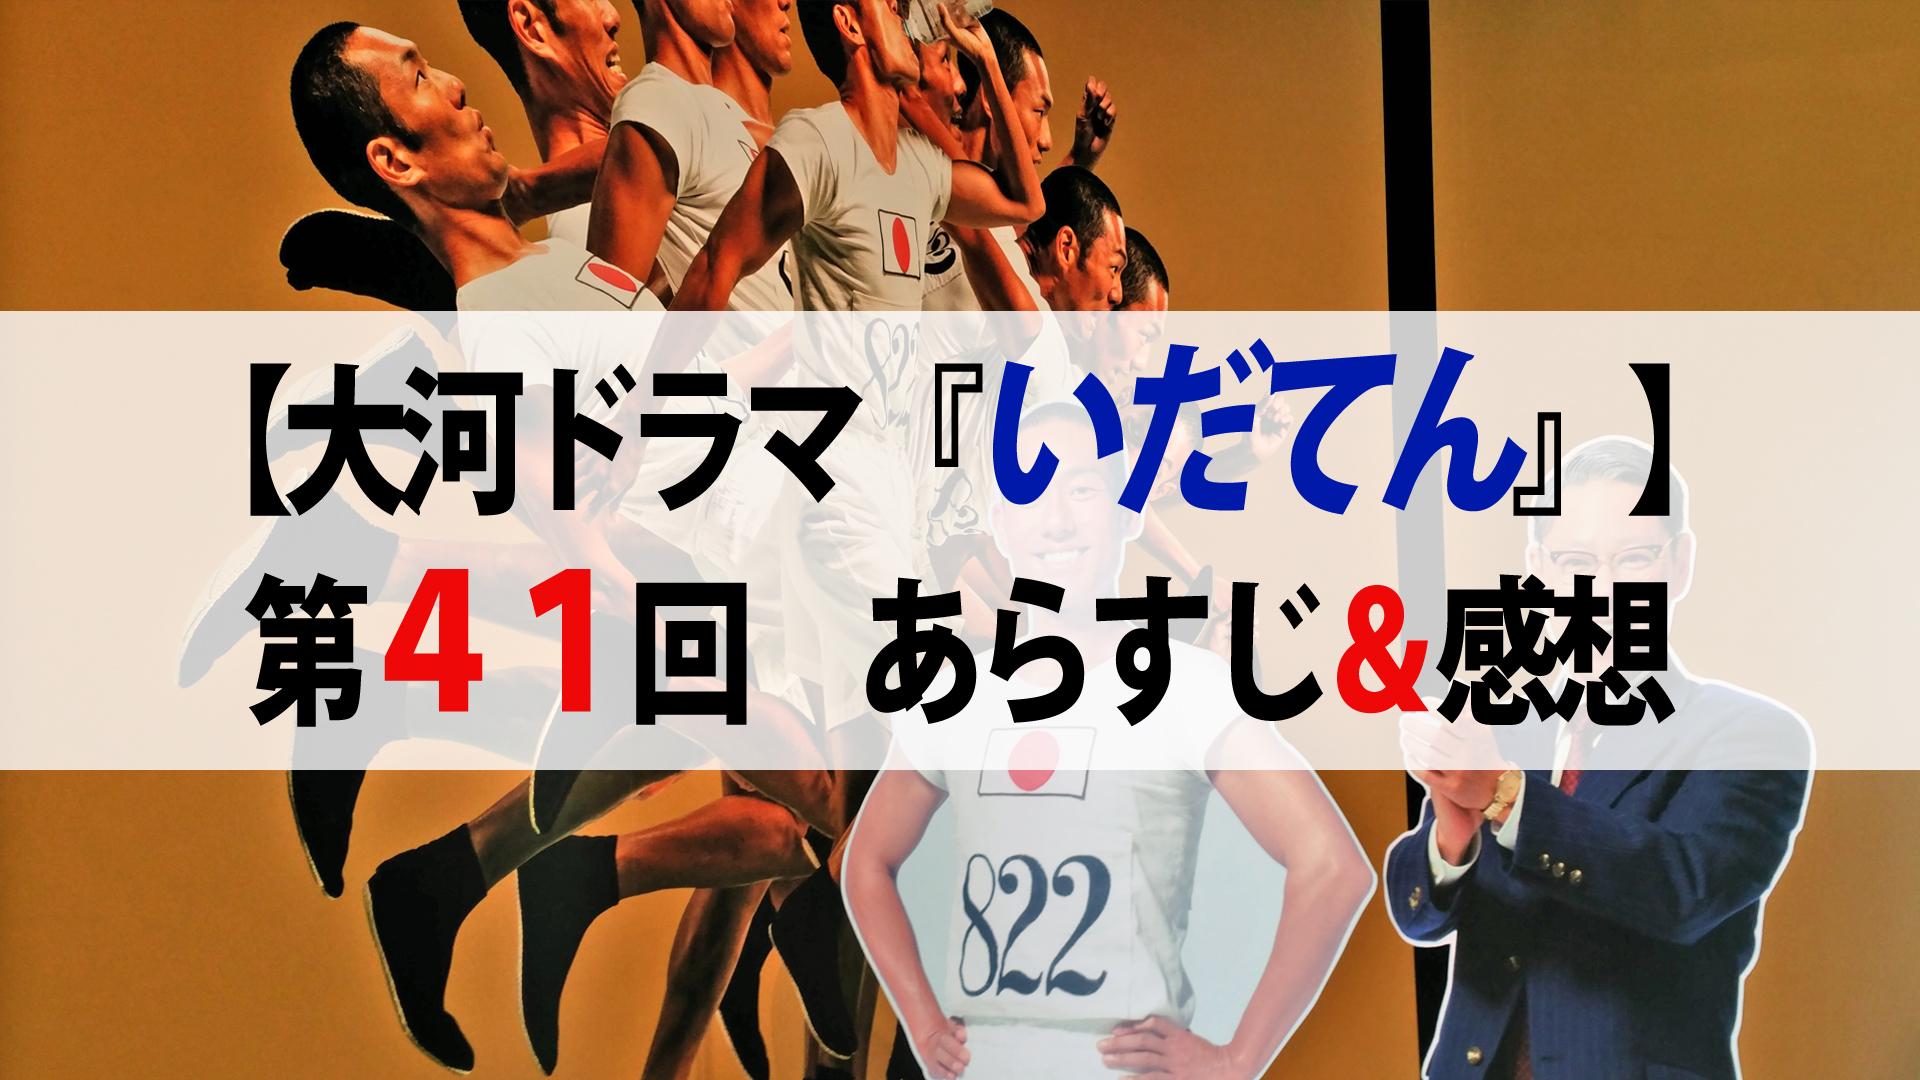 【大河ドラマ『いだてん』】第41回『おれについてこい!』あらすじ&感想